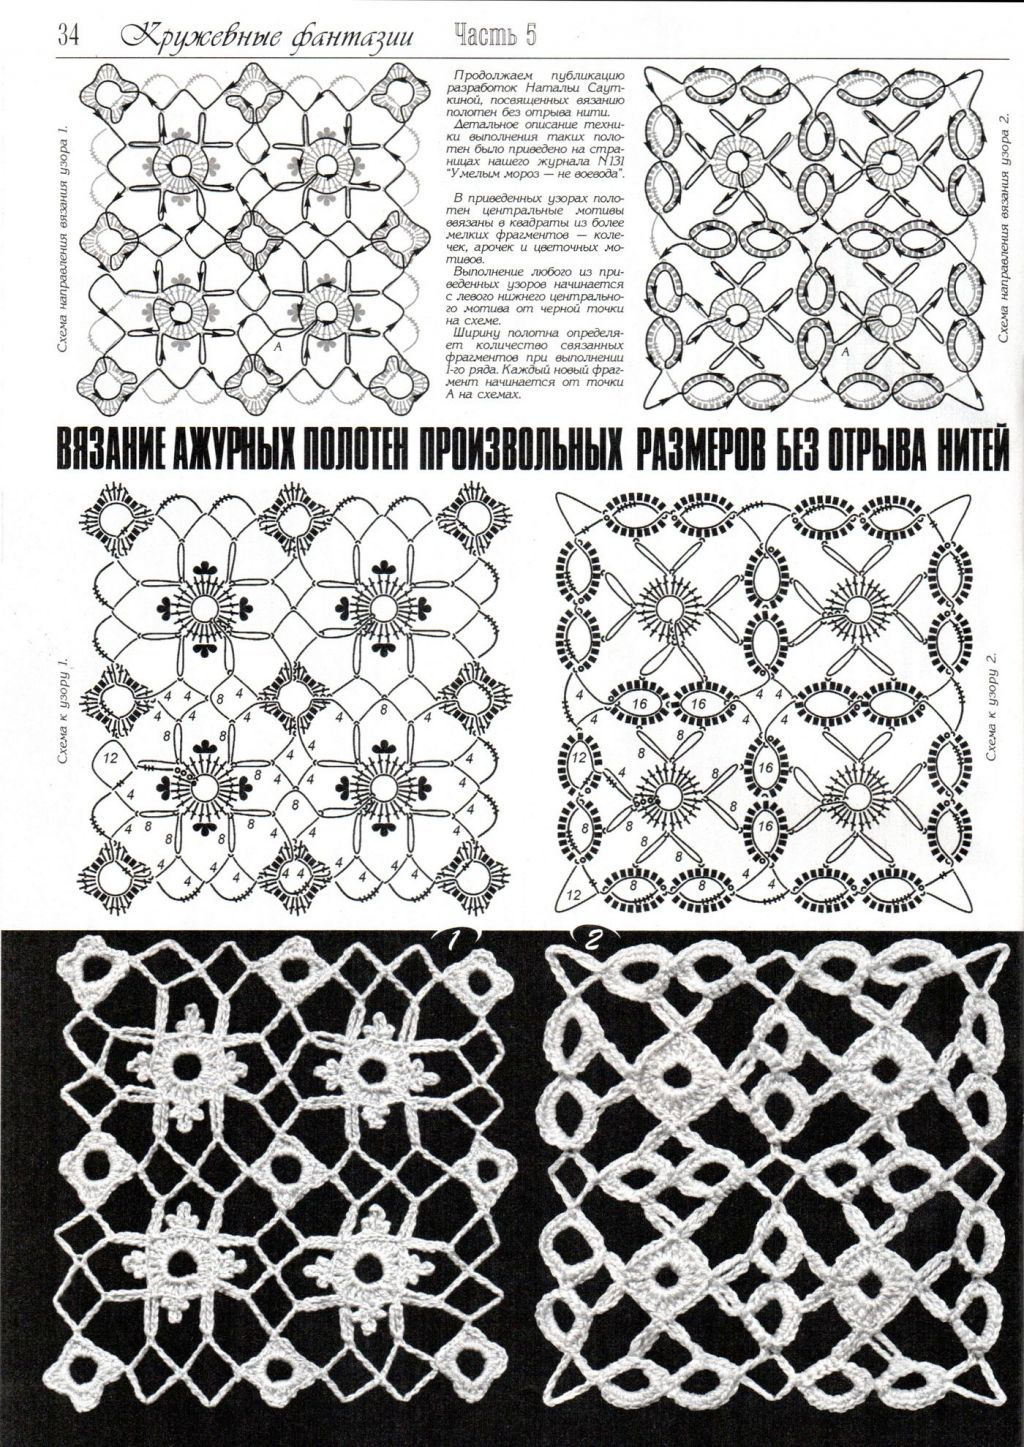 picage.ru   Бесплатный хостинг картинок   Croched surfaces ...